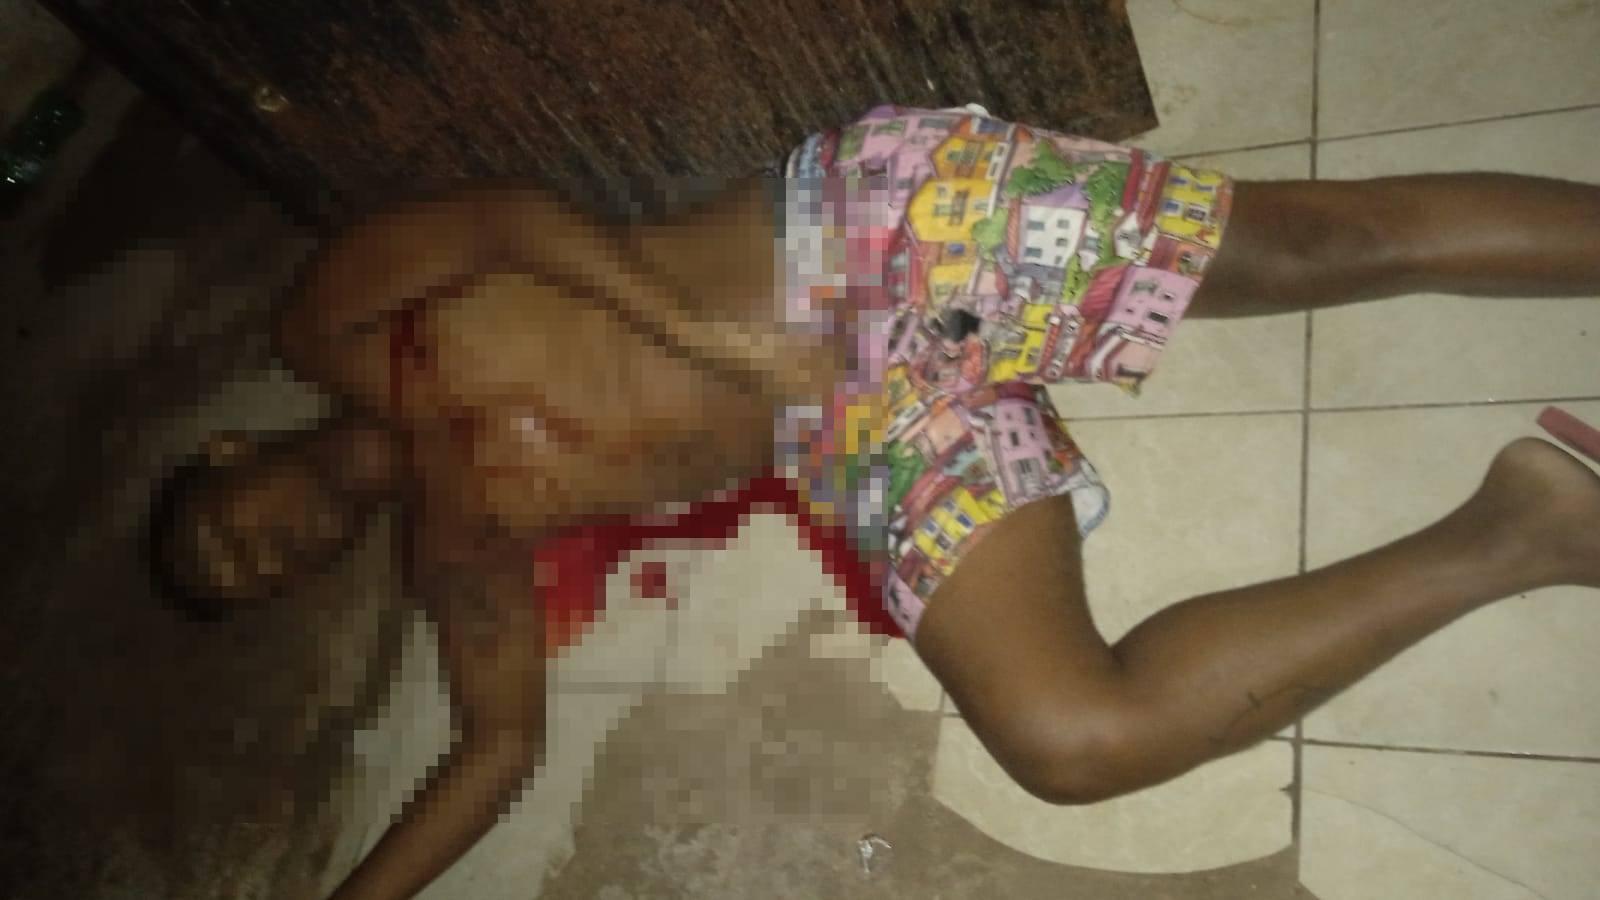 Jovem é executado com vários tiros dentro de casa na zona Norte de Teresina (Foto: Reprodução/ WhatsApp)